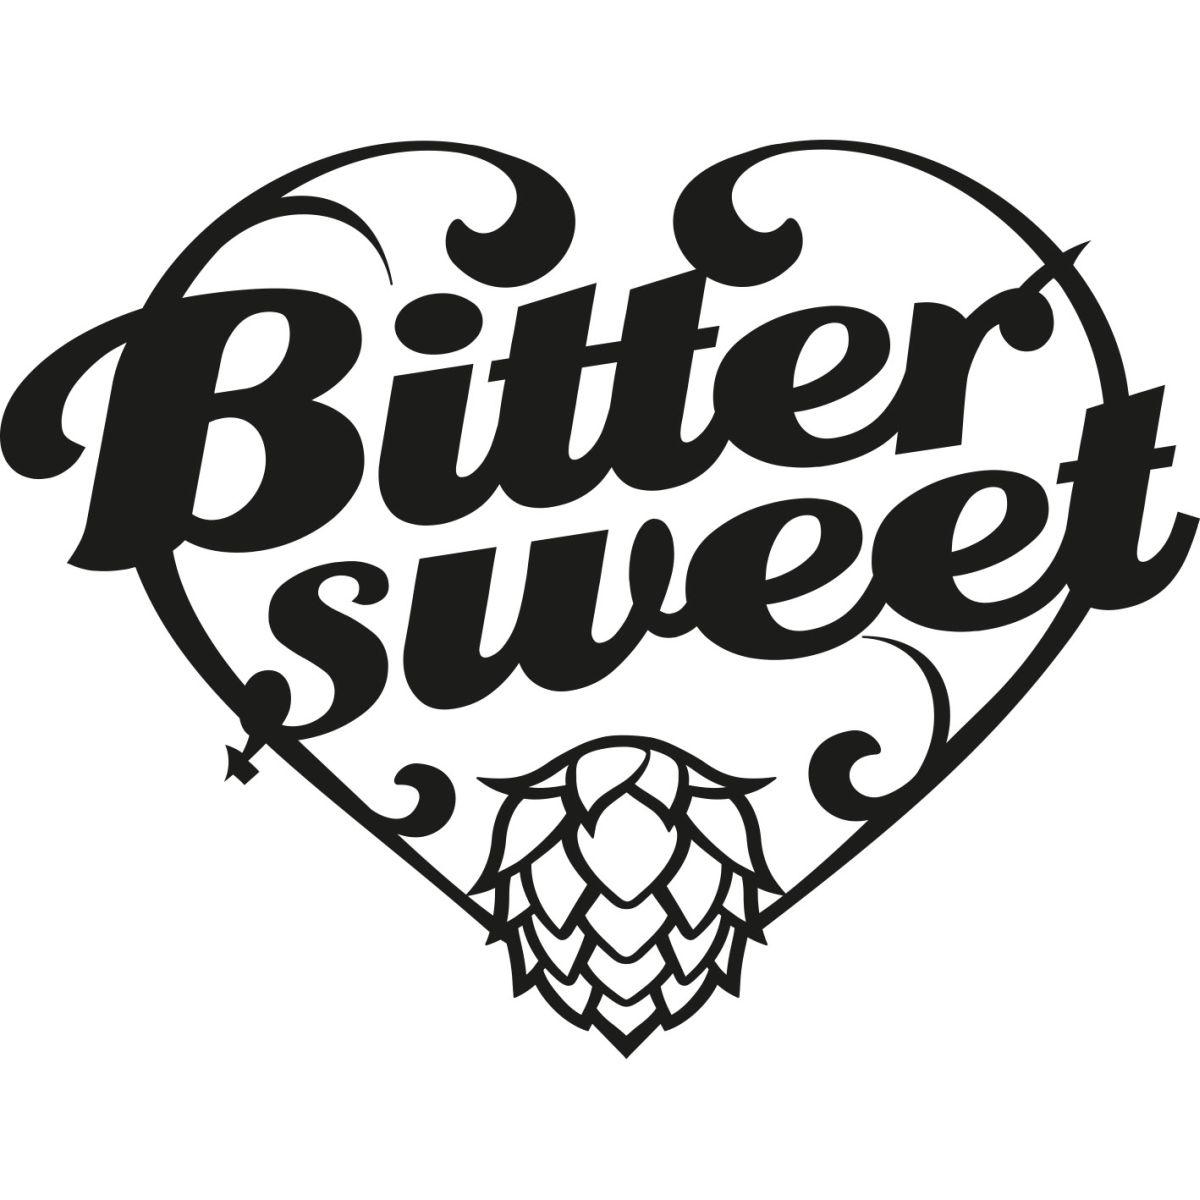 """Logo značky Bittersweet má odkazovat k """"mužskému i ženskému principu"""""""